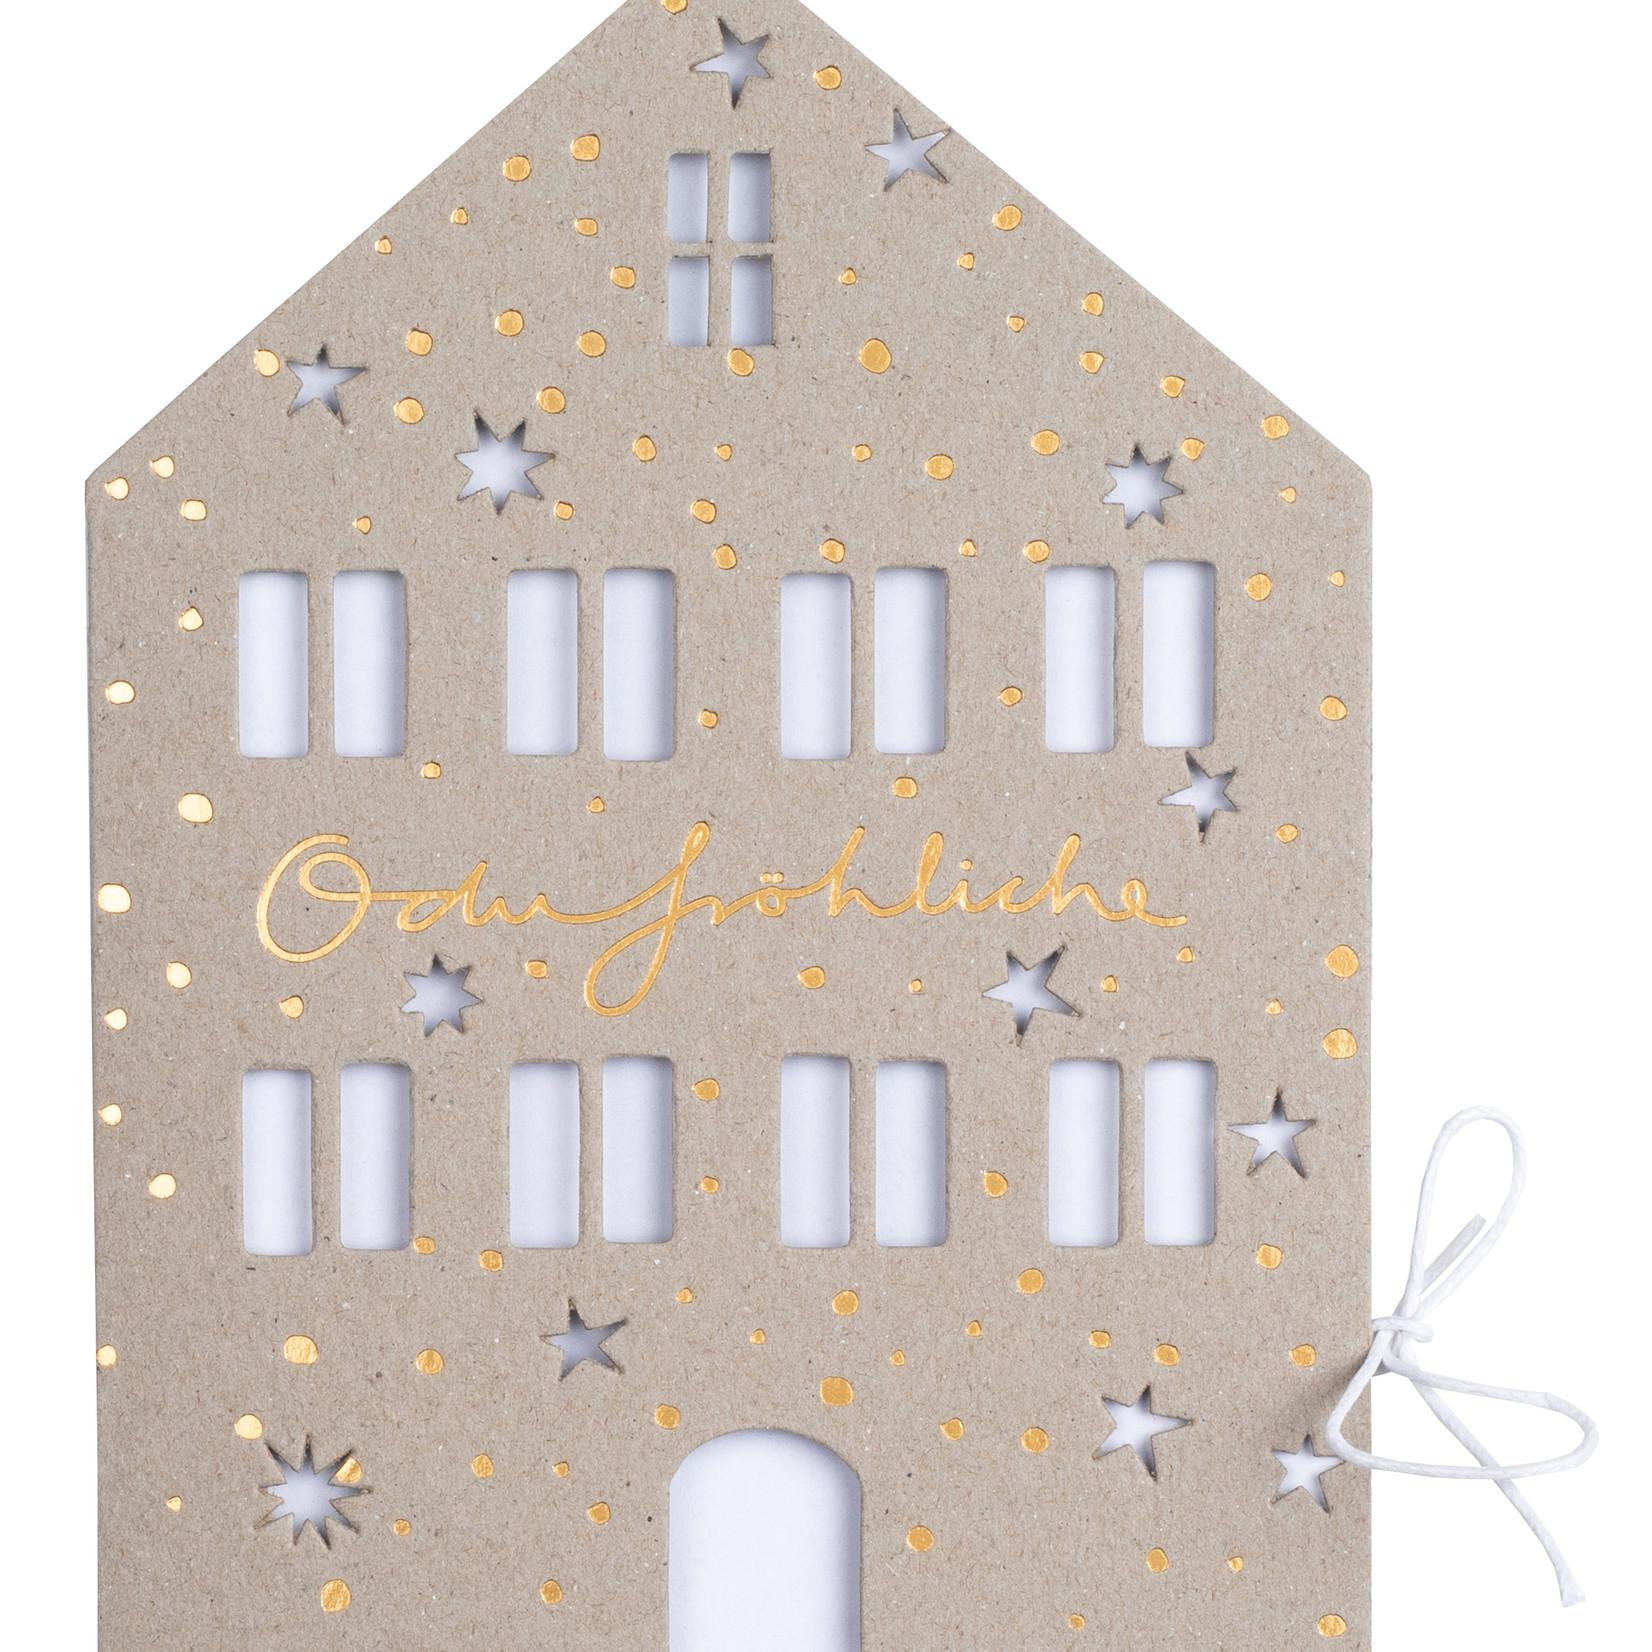 Räder Design Weihnachtshauskarte O du fröhliche